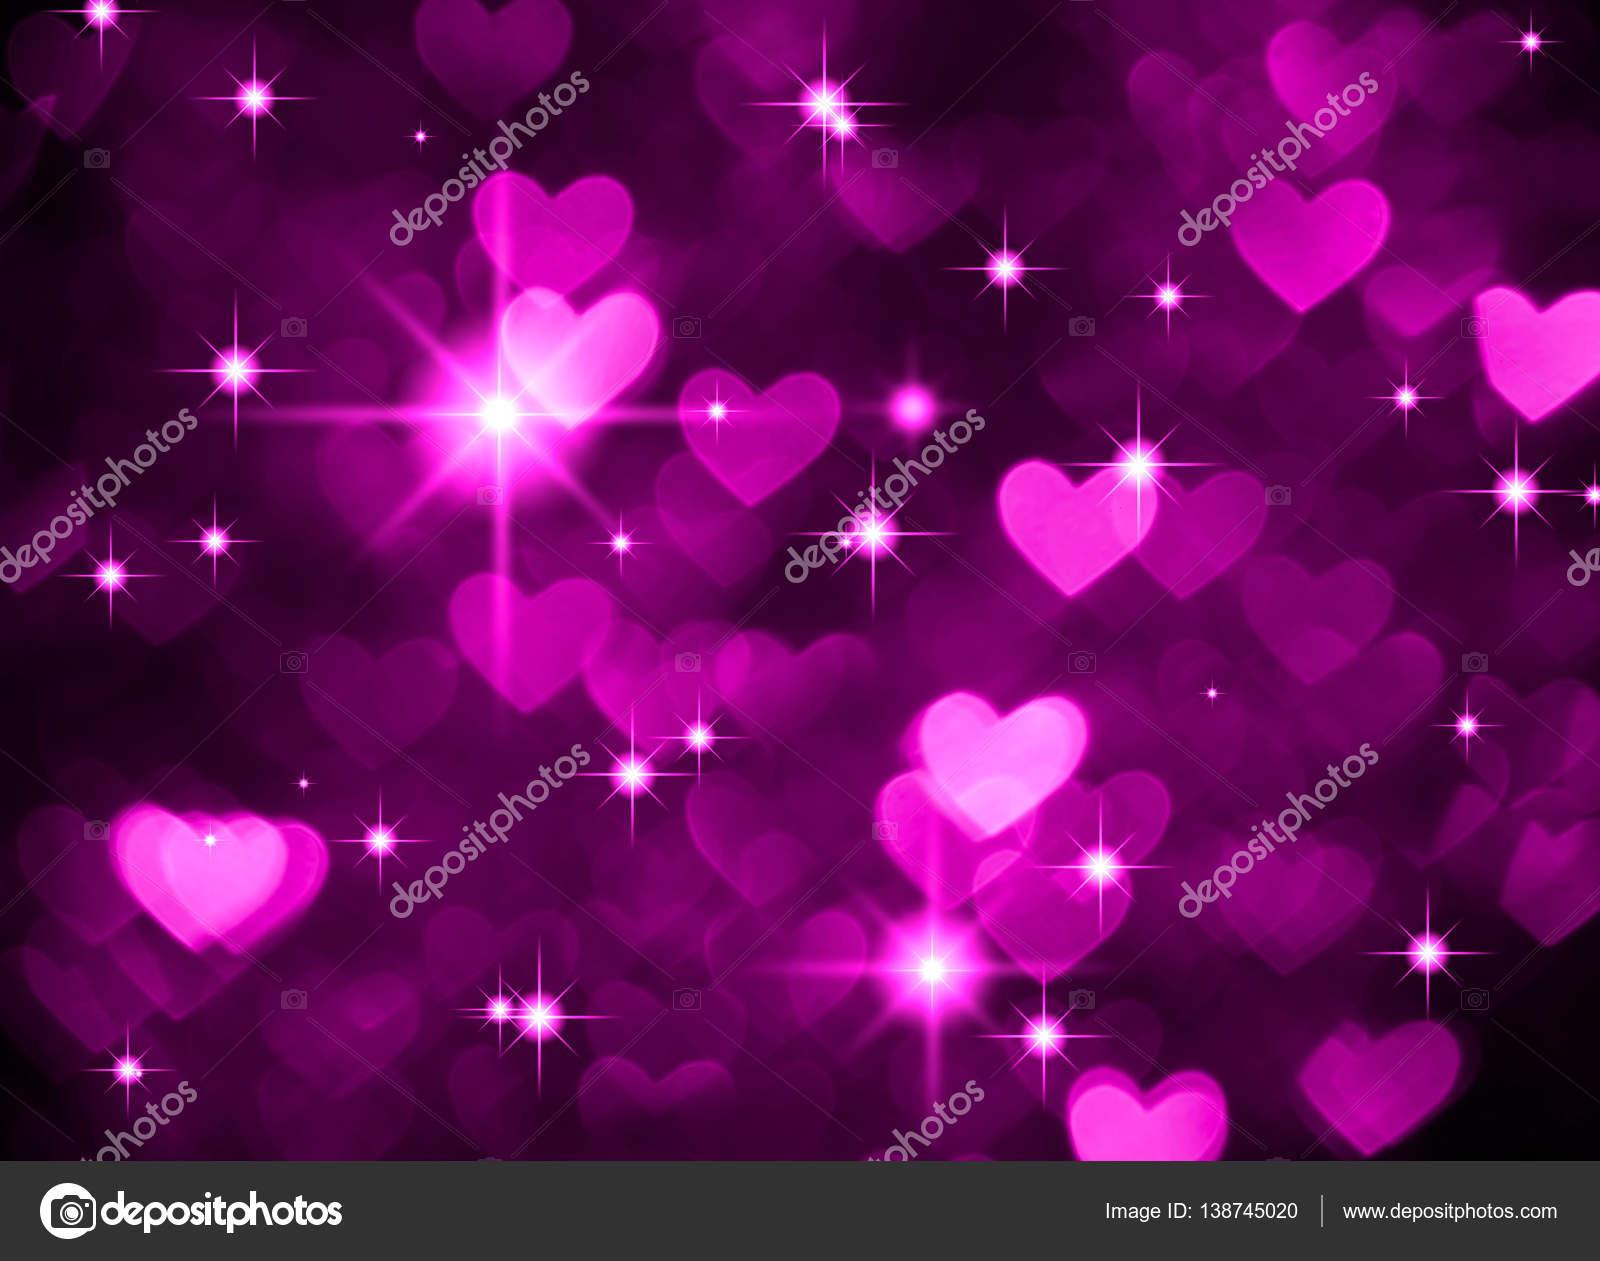 Photo du boke coeur fond, couleur violet foncé. Abstrait backdrop